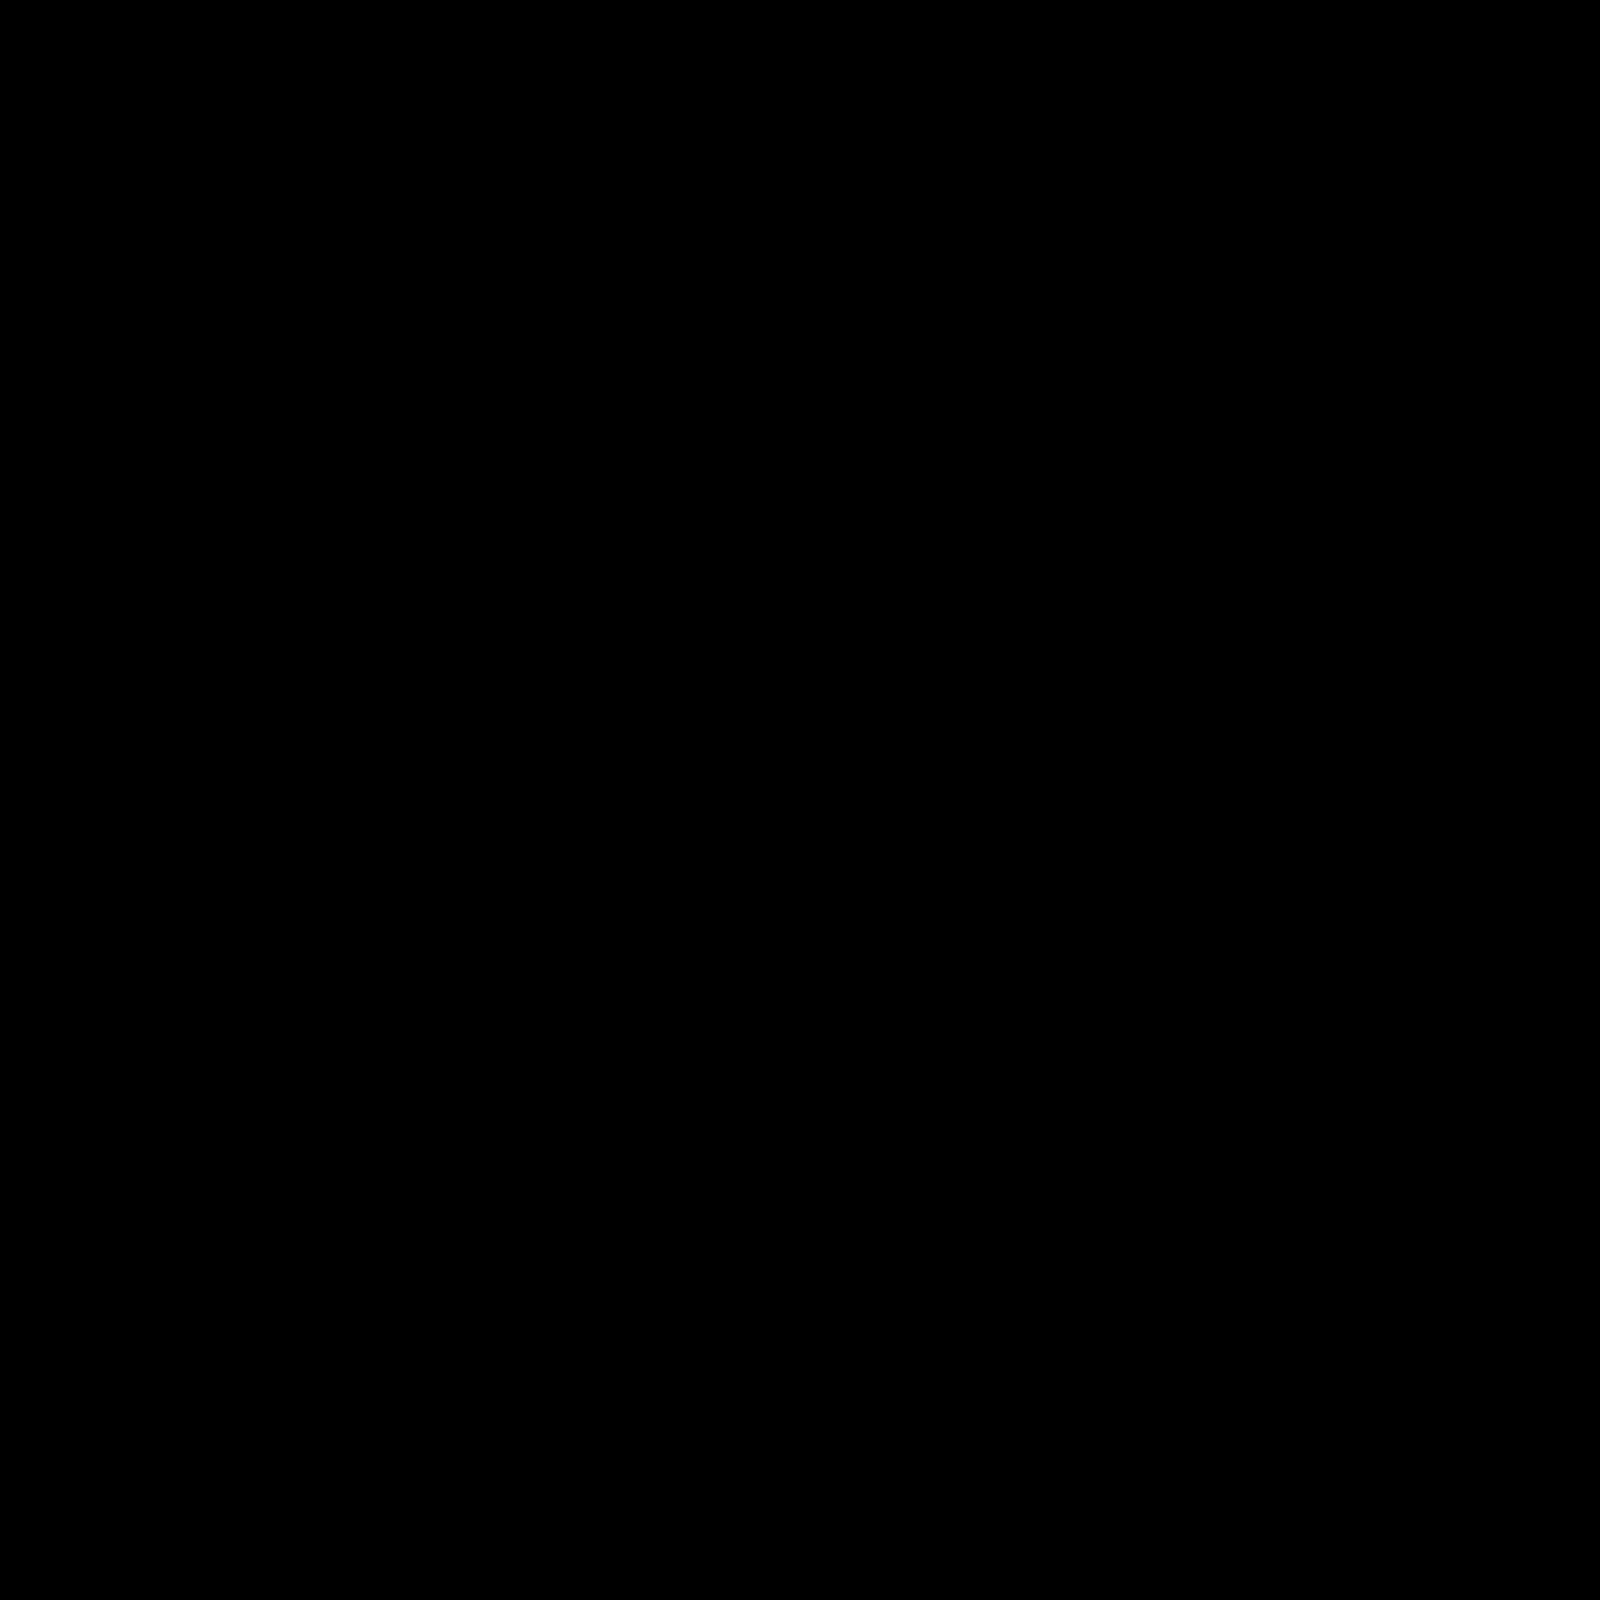 クイックモードオン icon. It's the picture of a lightning bolt to indicate electricity.  It is a single bolt of lightning, with no clouds or other features.  It looks like the image of an hourglass, tilted about 45 degrees up, and then stretched out until it resembles a lightning bolt.